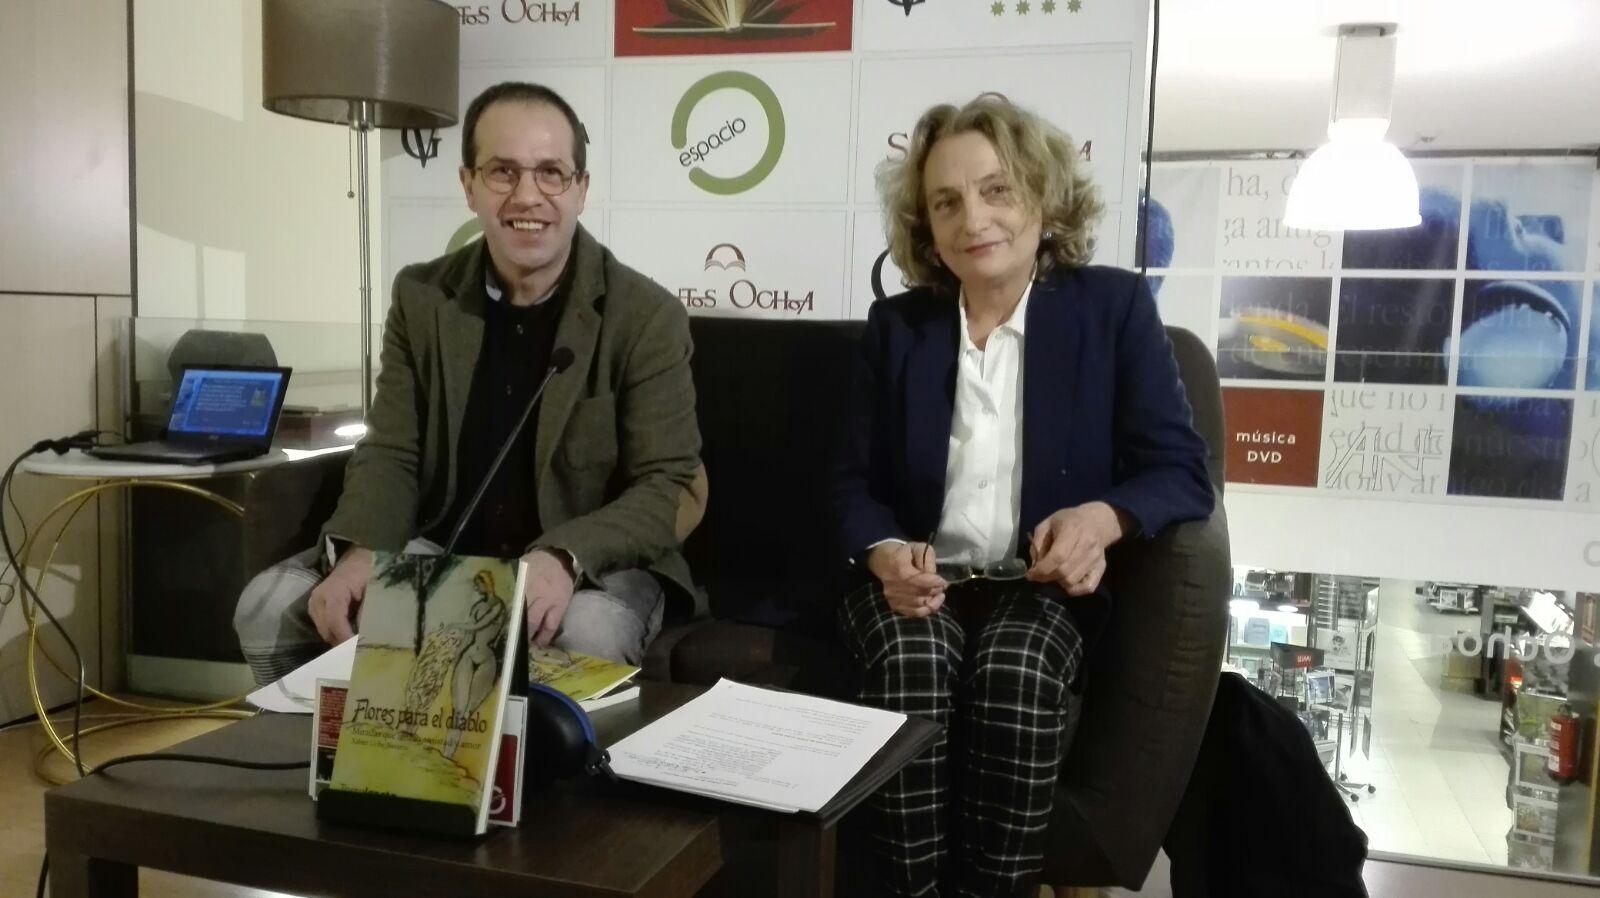 Publicar-un-libro-editar-un-libro-Terra-Ignota-Ediciones-España-Cataluña-Catalunya-Catalán-català-Gratis-www.terraignotaediciones.com-autopublicación-autoedicion-coedición-manuscrito 1